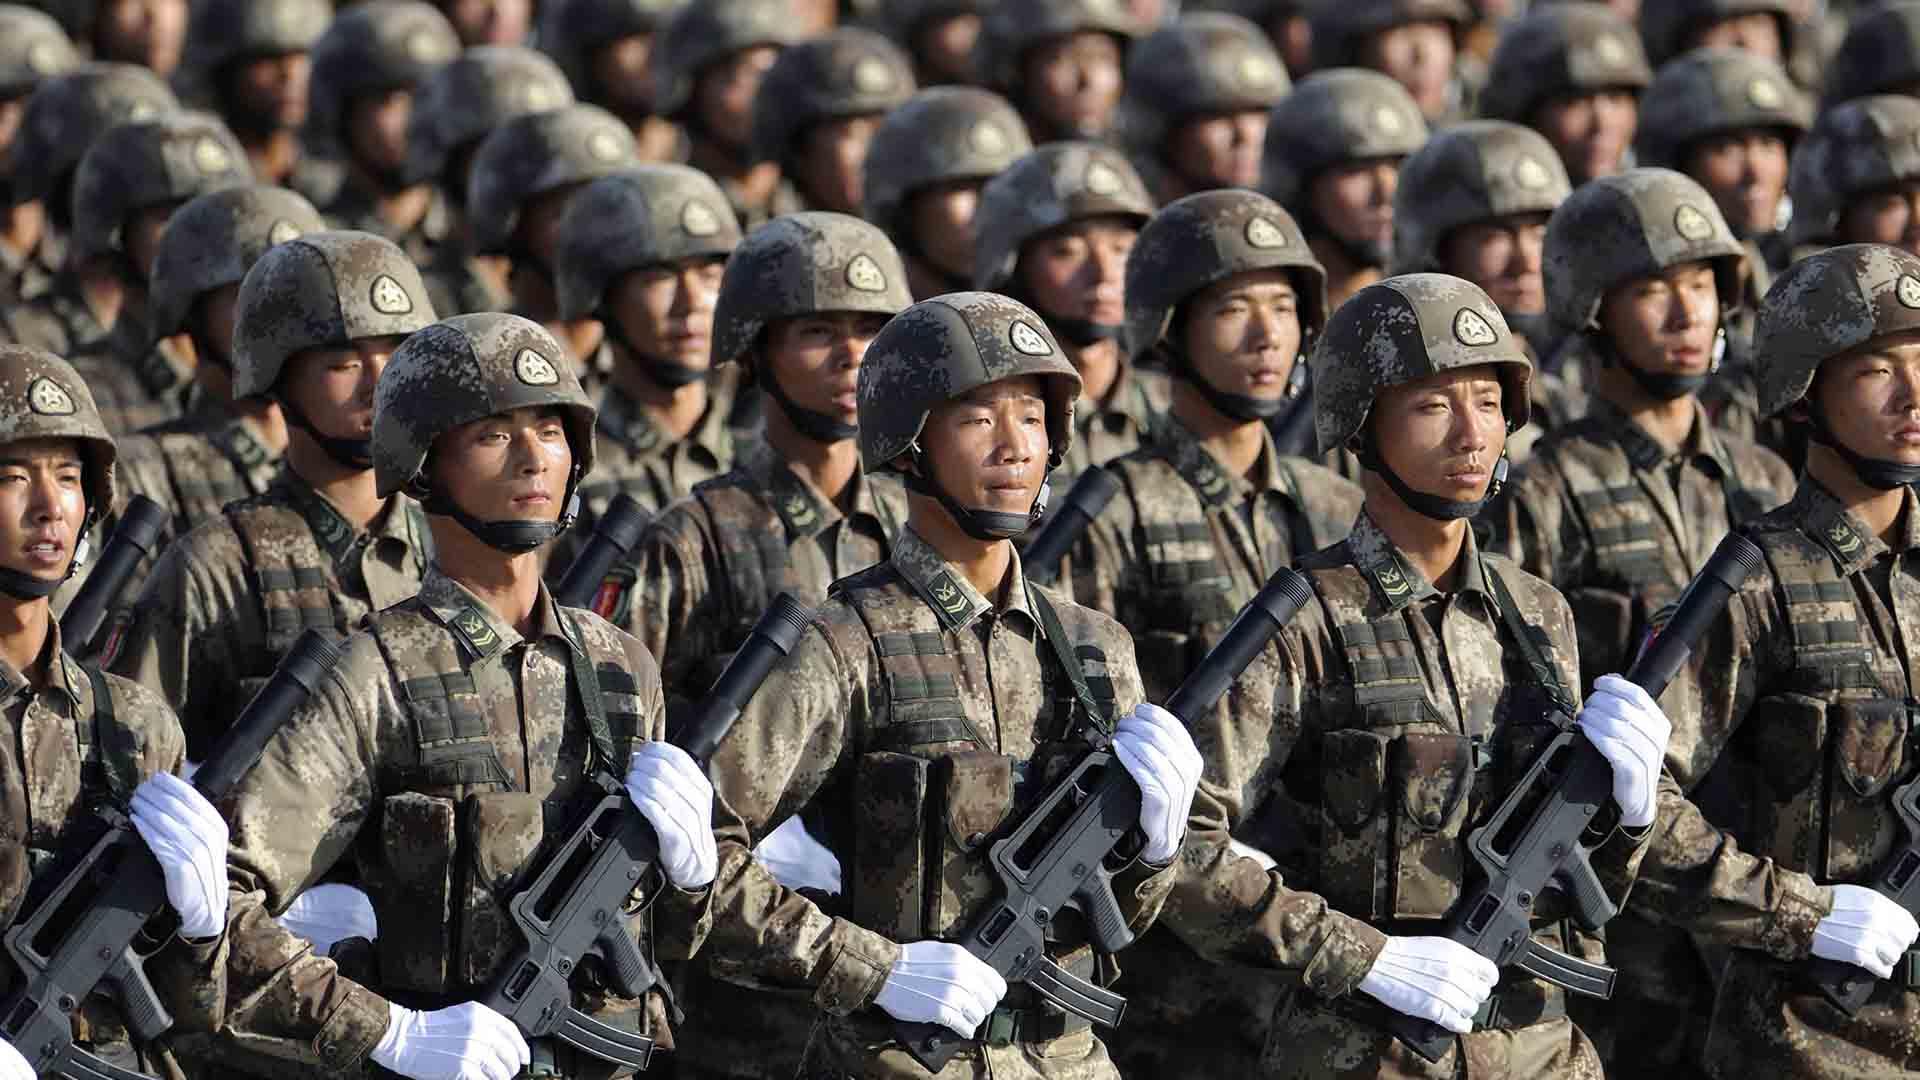 Los nipones auxiliarán a las tropas del país africano cuando éstas sean atacadas